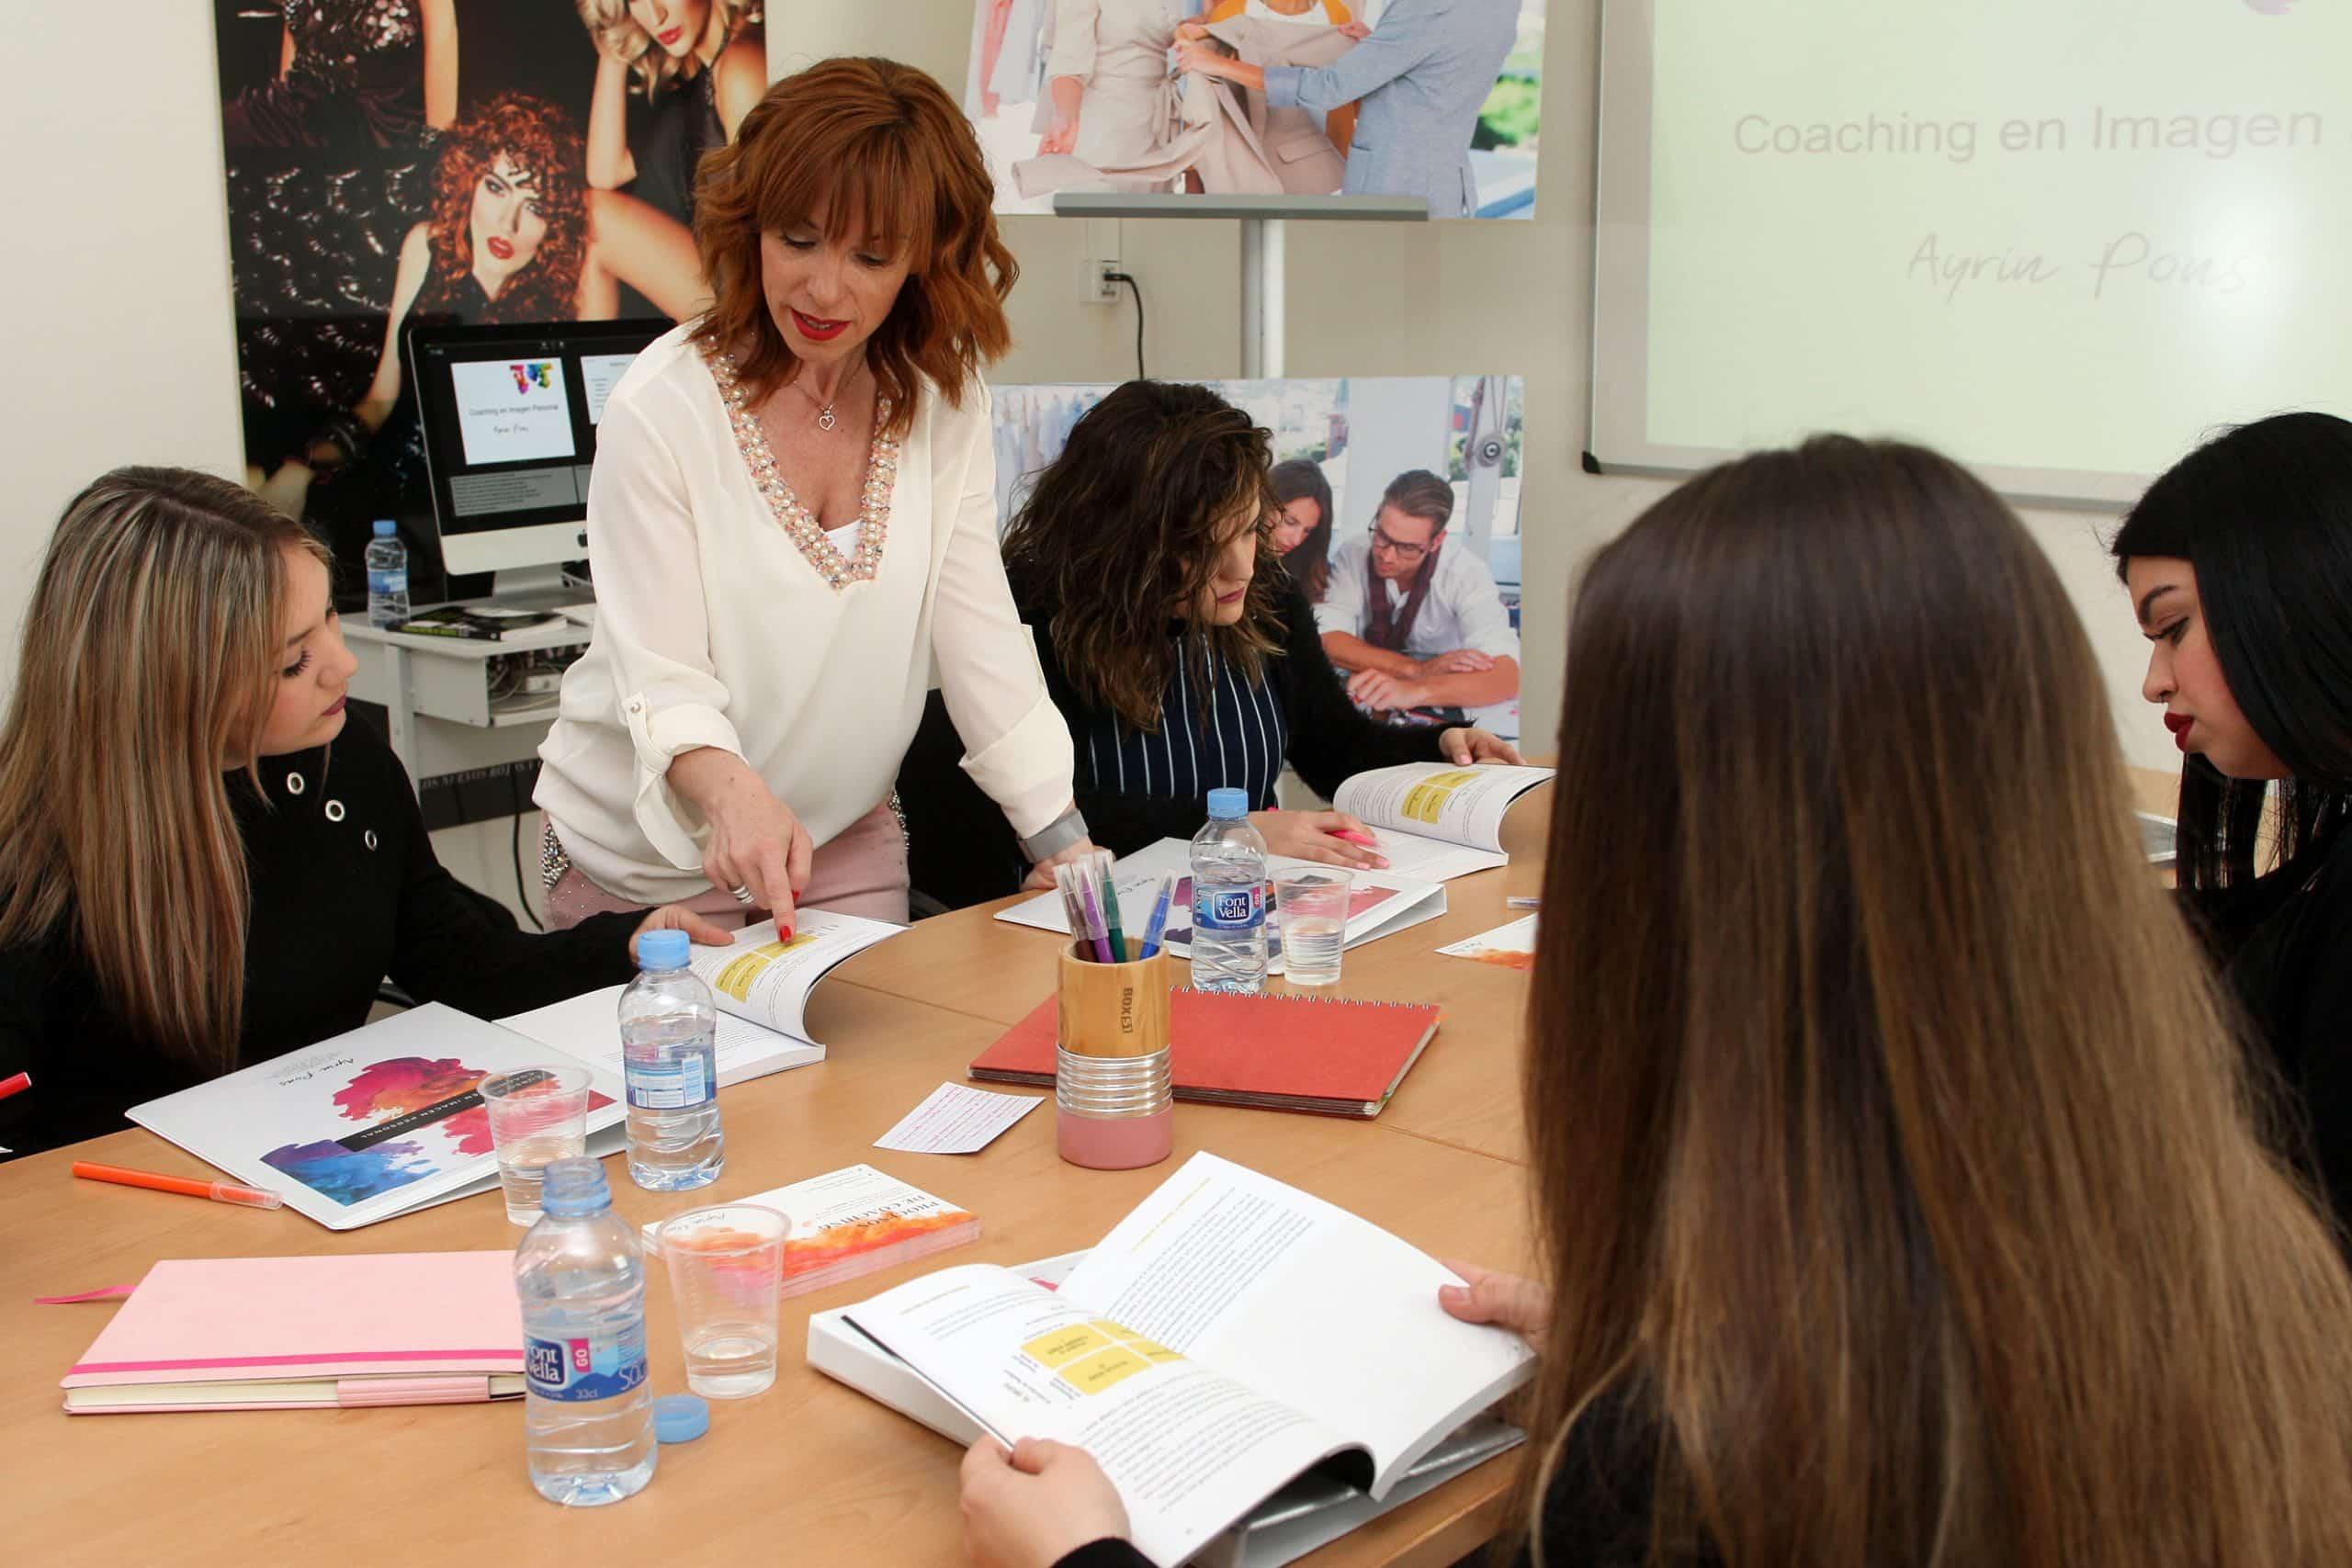 Ayrin Pons durante una sesión de Coaching en Imagen Personal. / Fotografía: Ignasi Paredes.